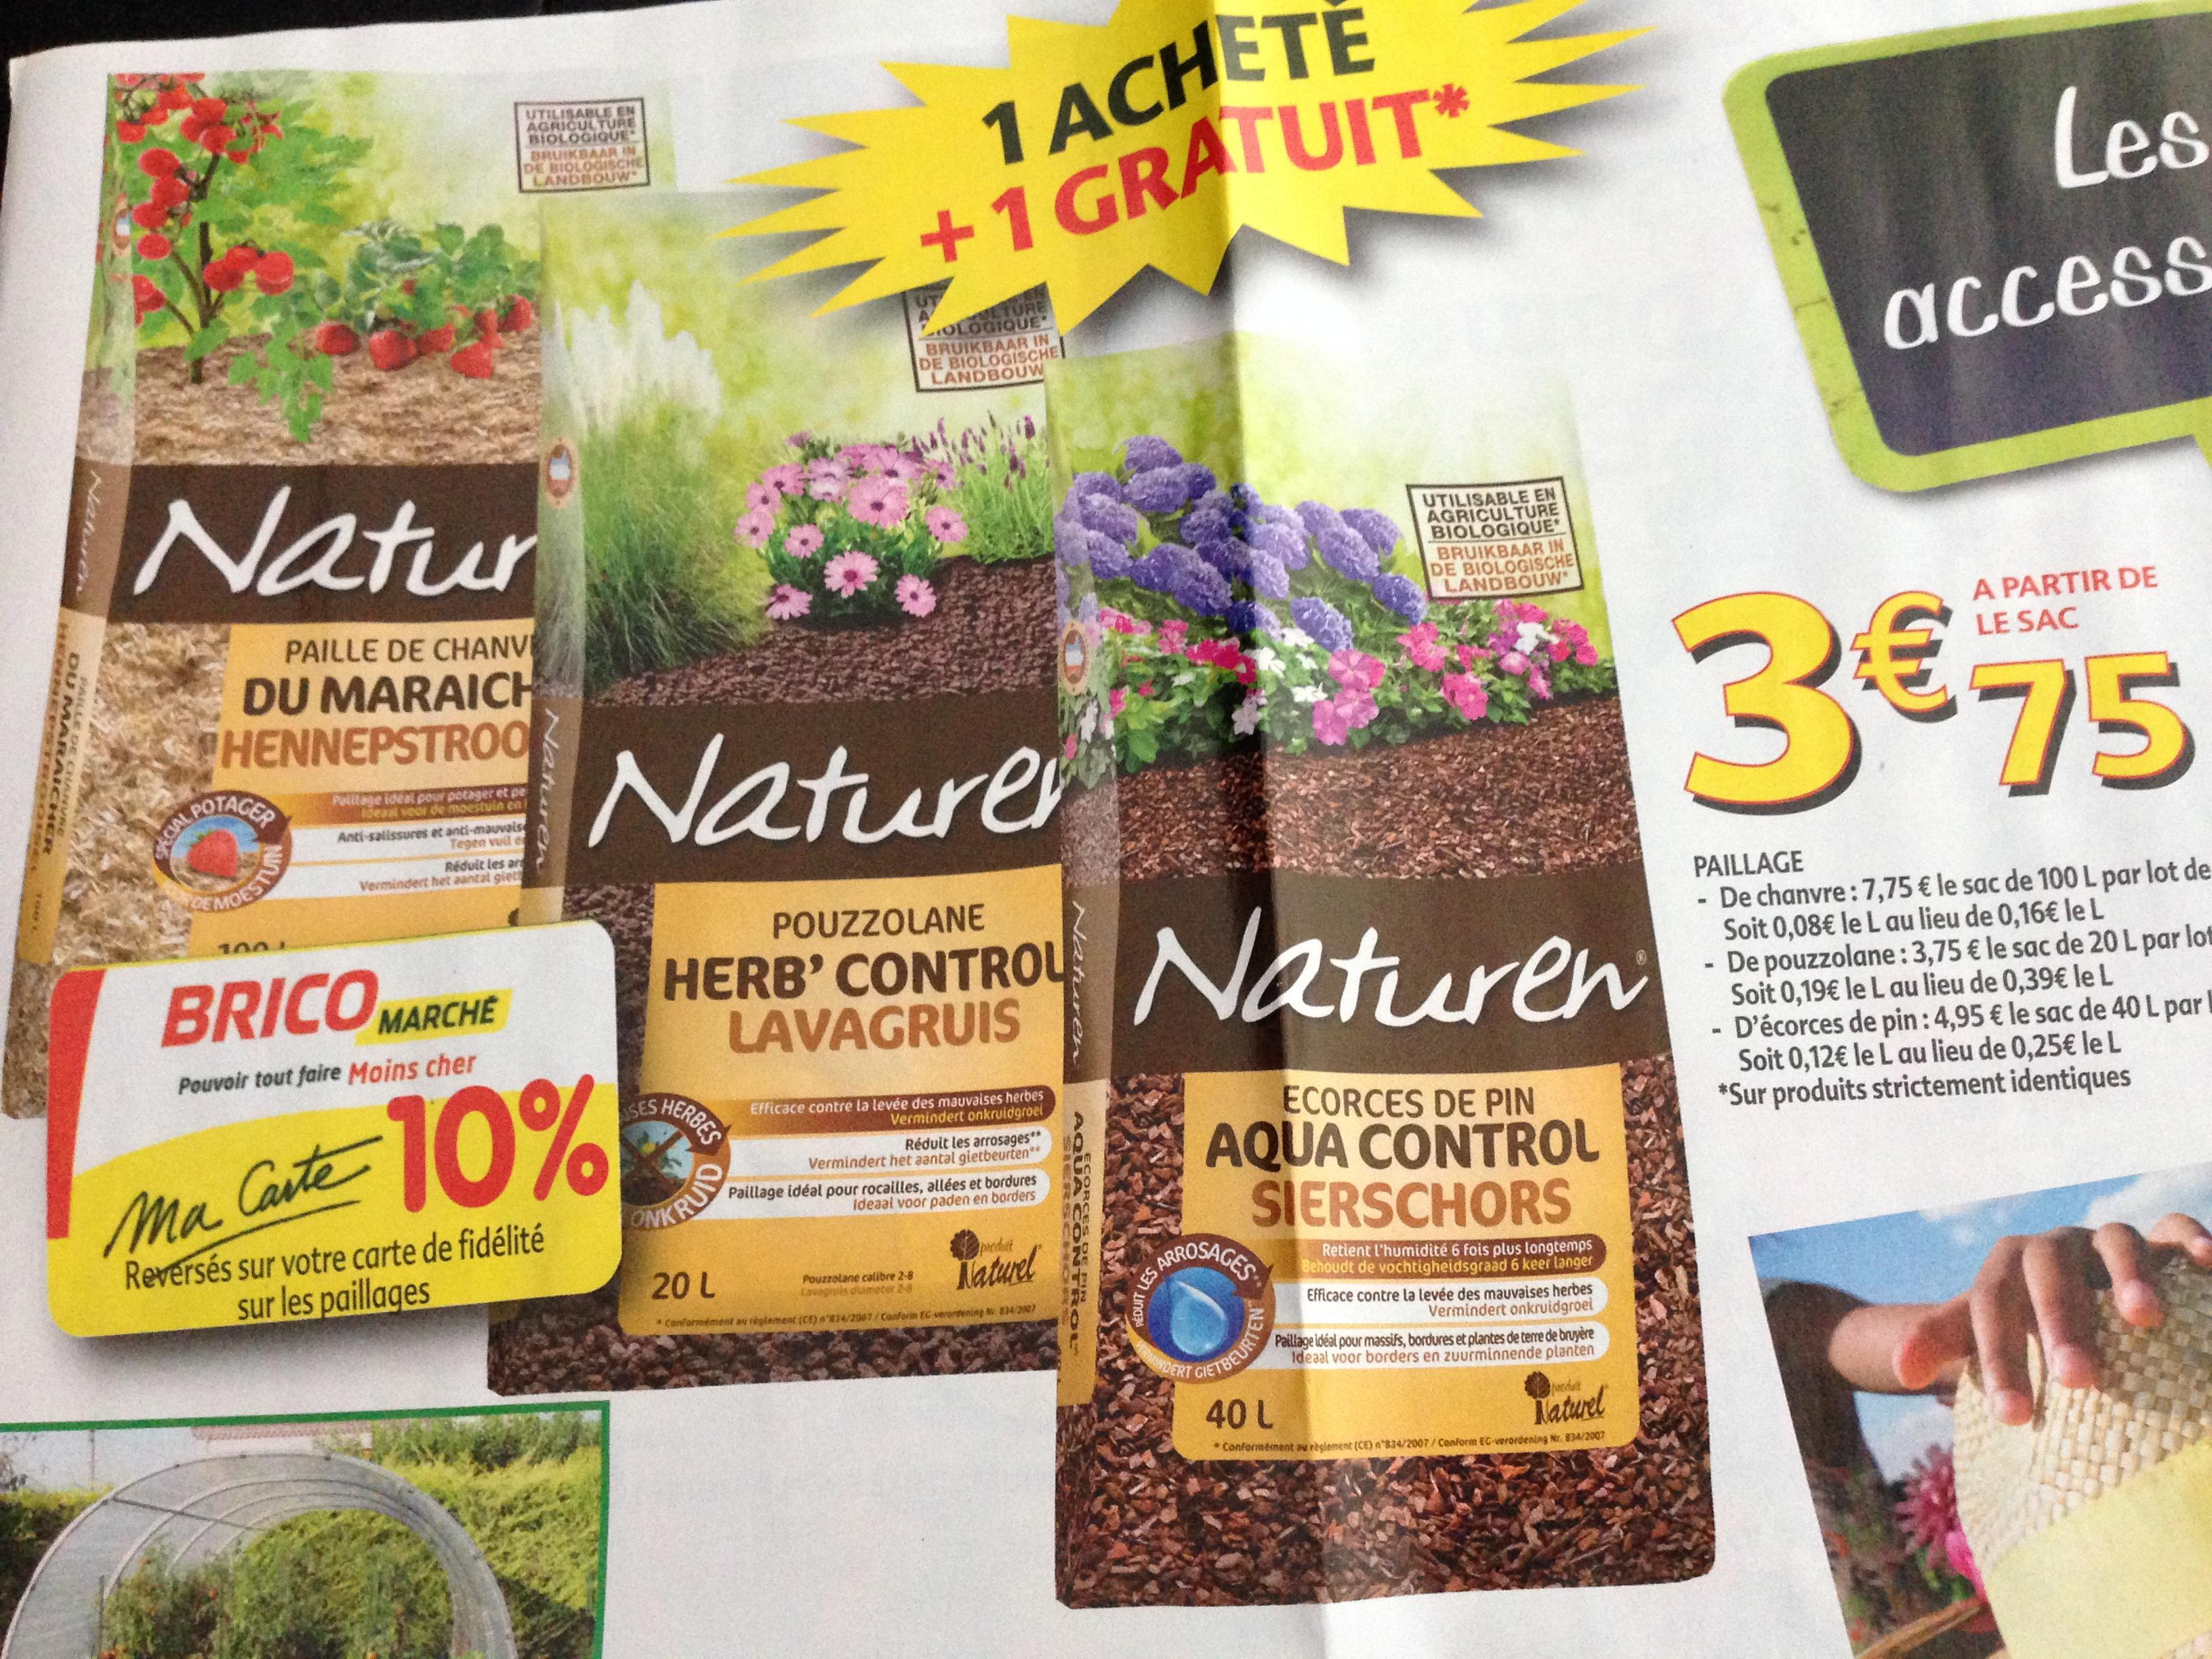 1 paillage Naturen acheté = 1 paillage gratuit - Ex : lot de 2 paillages de pouzzolane (20 L)